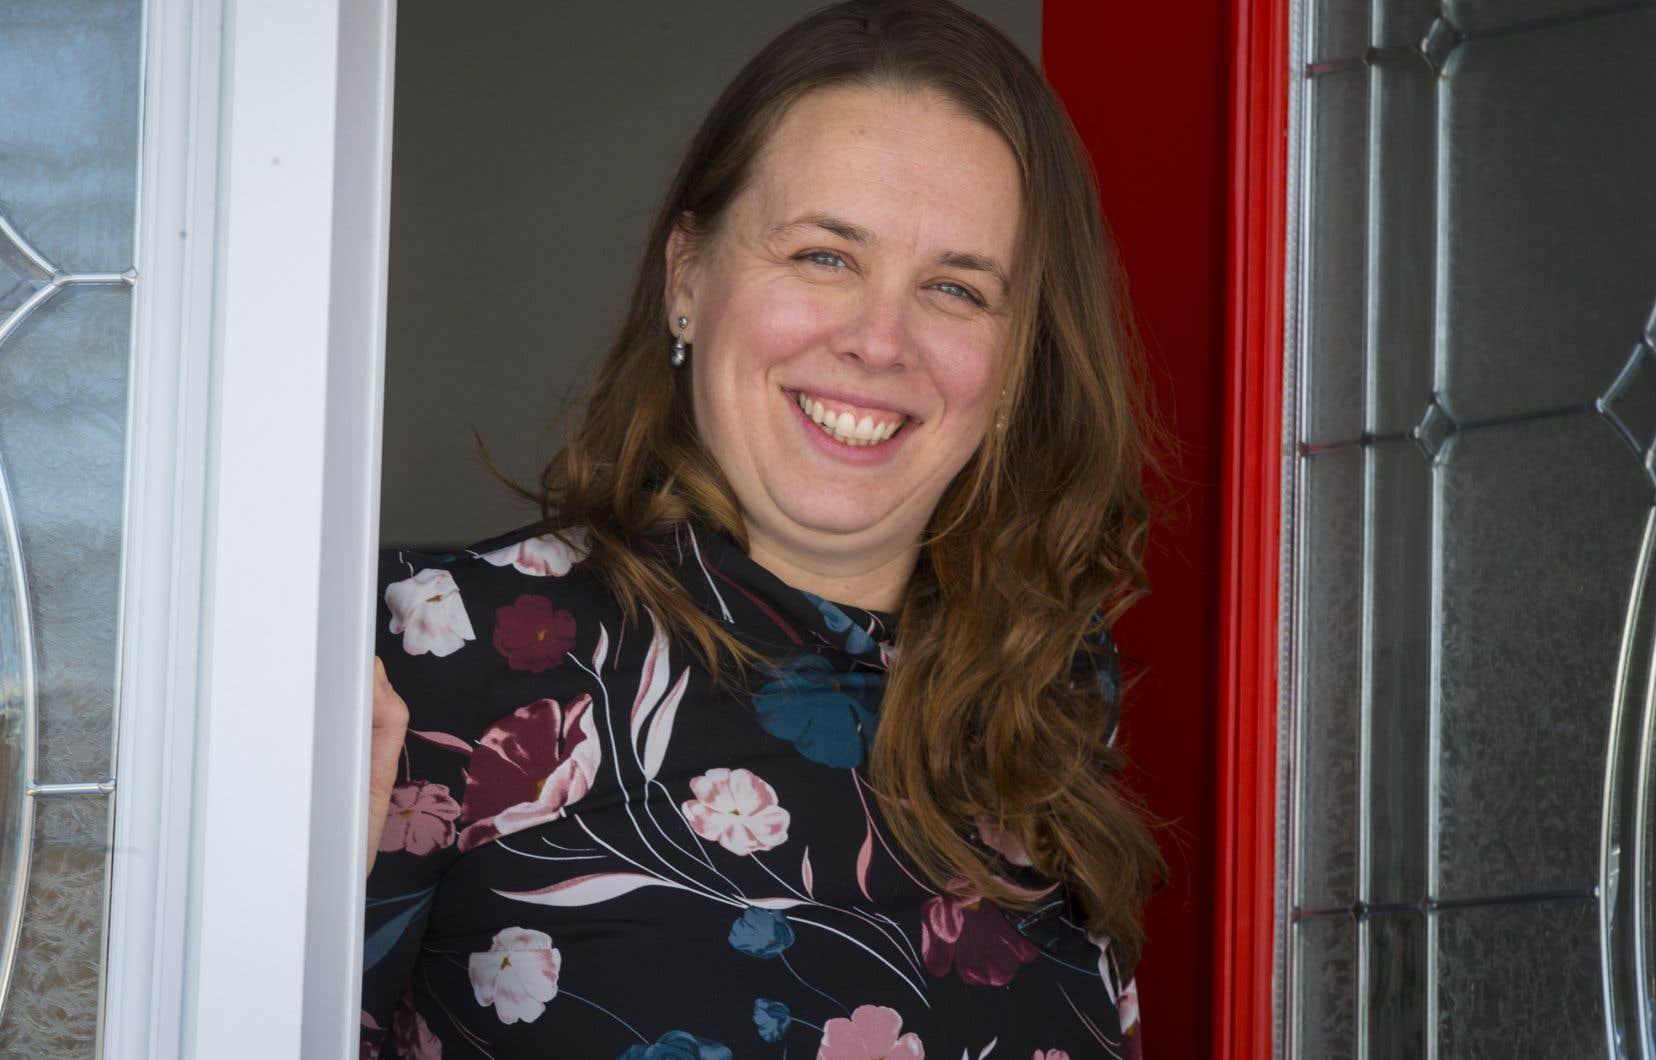 Bien qu'elle n'ait pas évolué dans le milieu journalistique, Martine Desjardins estime que son expérience à titre de directrice générale du MNQ ces cinq dernières années et comme présidente de la FEUQ en 2012 est un atout pour la FPJQ, qui a besoin d'un coup de main pour redresser ses finances et instaurer une saine gestion.